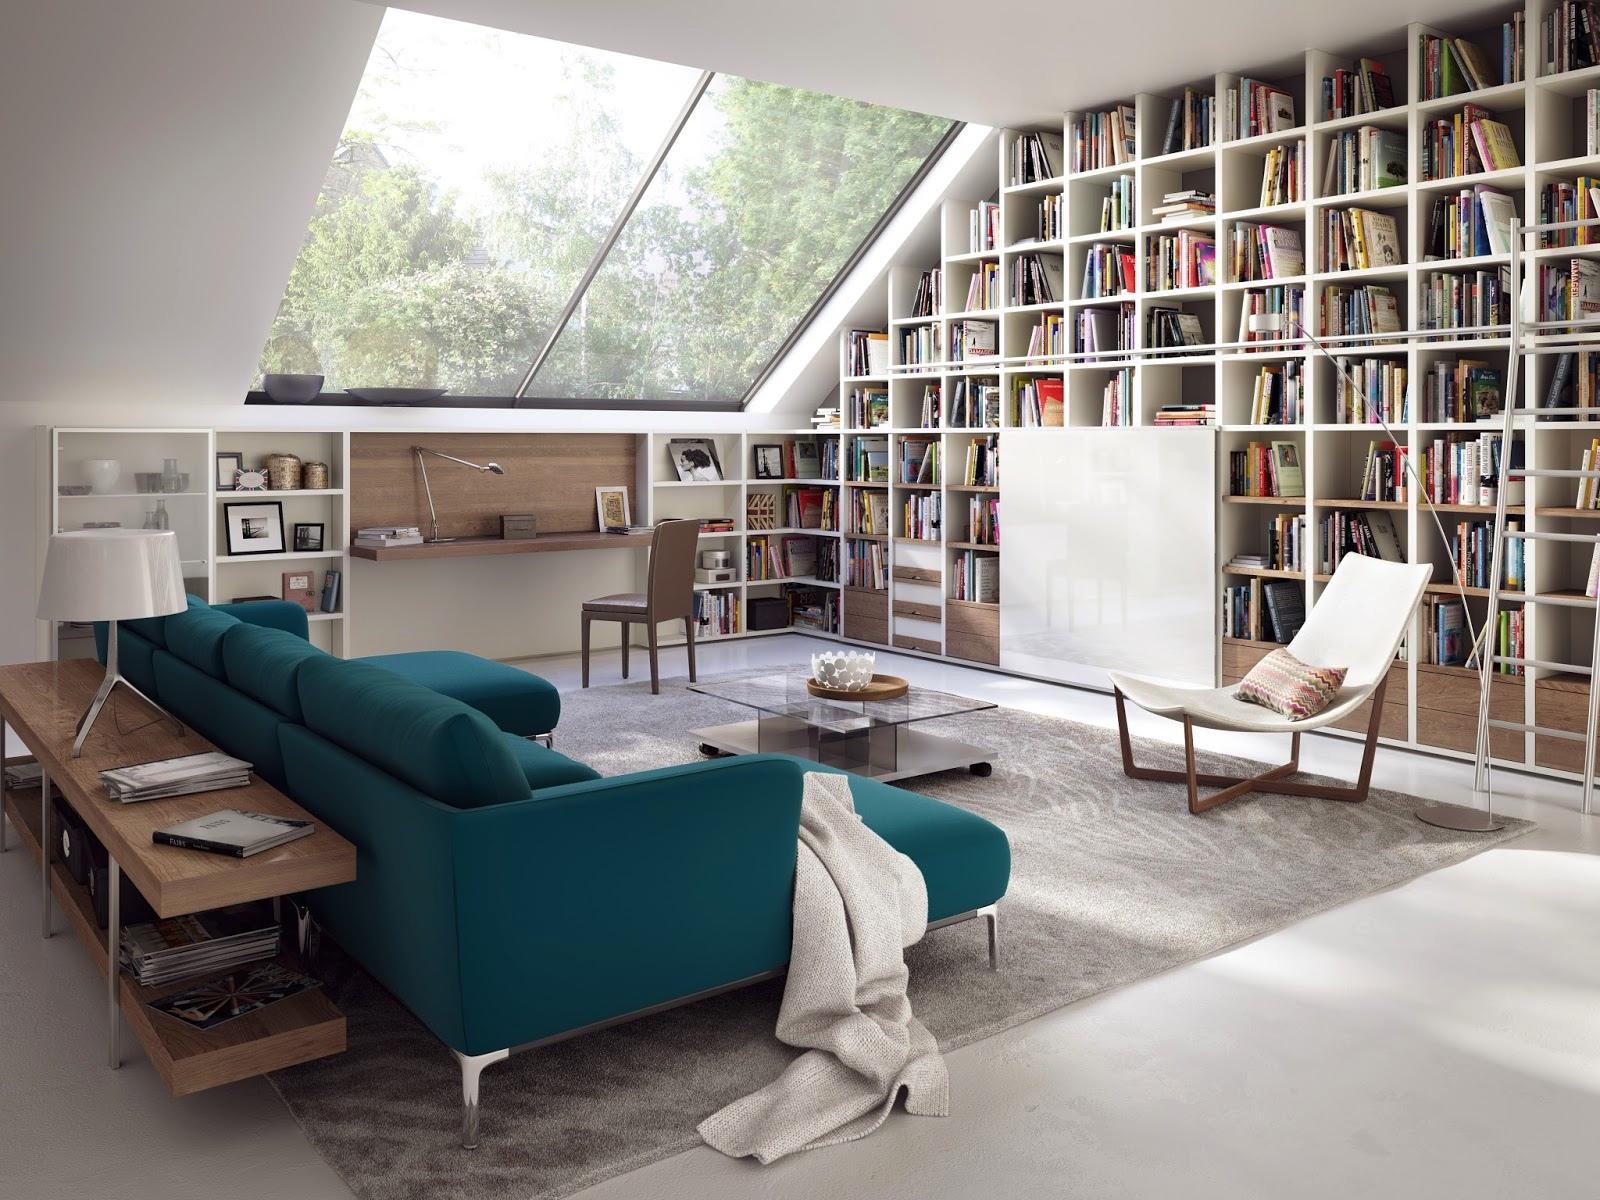 Một tủ sách đặt làm riêng có thể được tích hợp ngay trên mái hiên, một lựa chọn tuyệt vời nếu bạn đang sống dưới trần nhà dốc